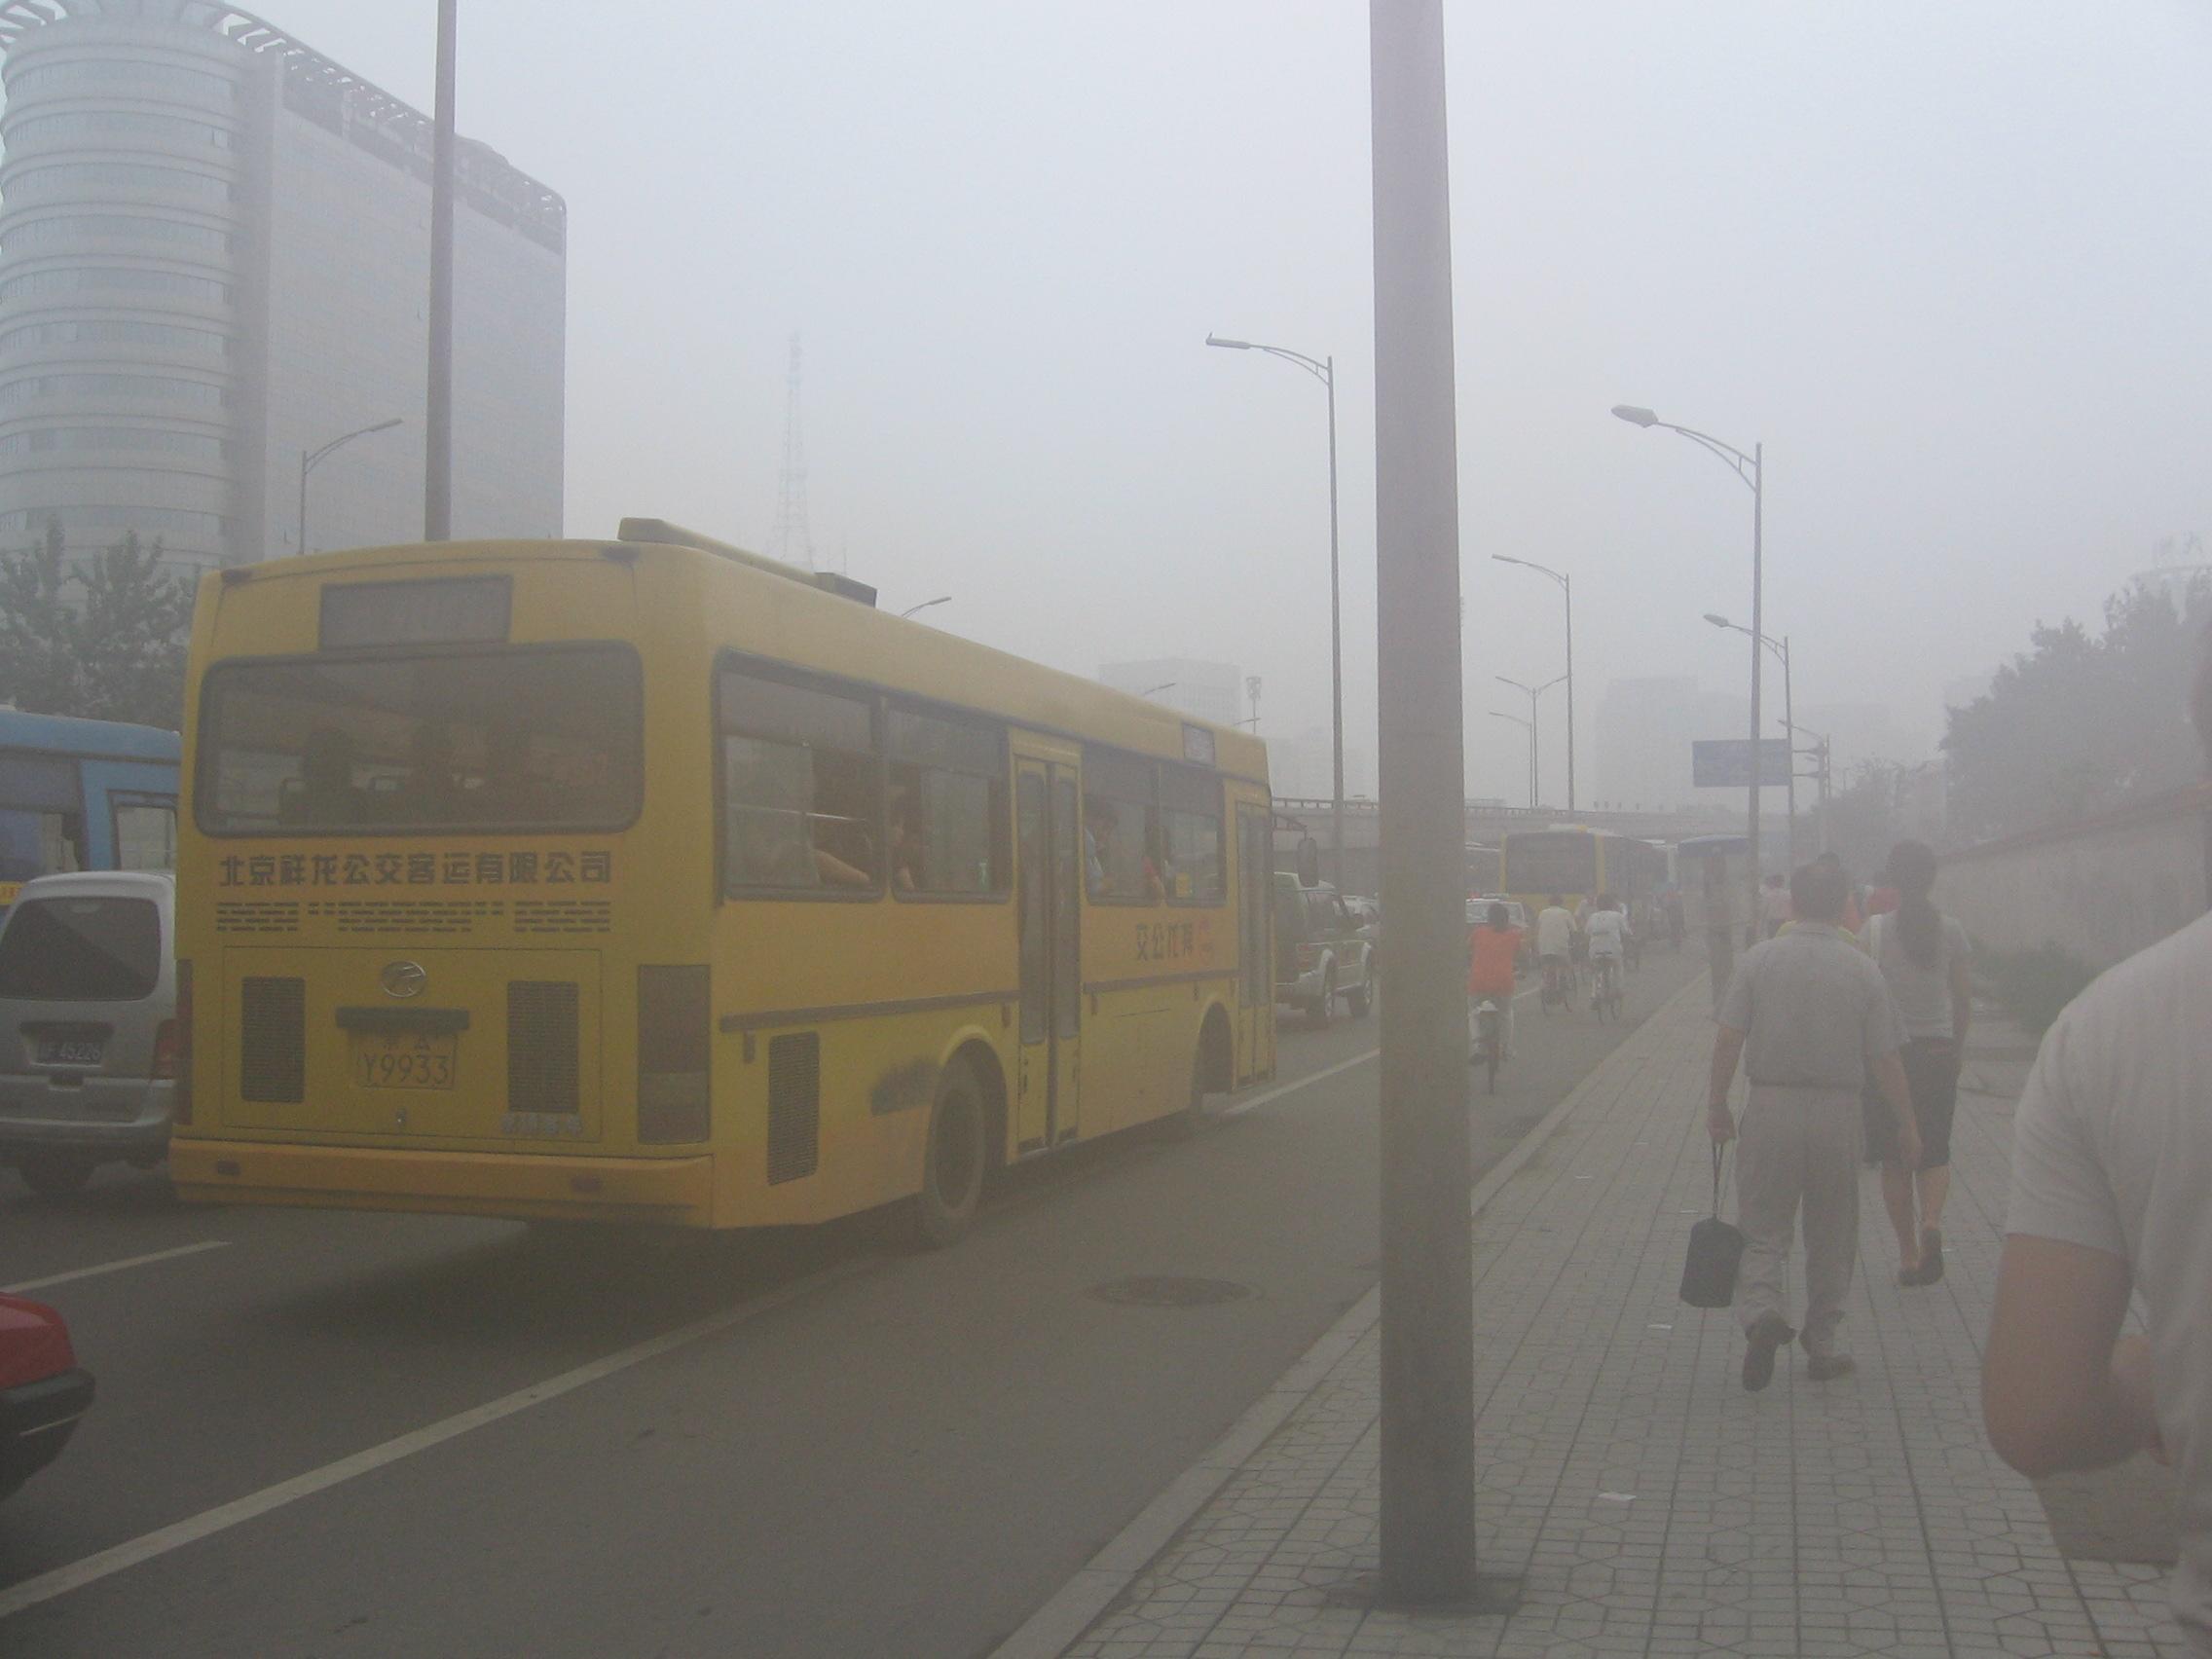 Kina vraker 6 millioner gamle biler for å bekjempe luftforurensing